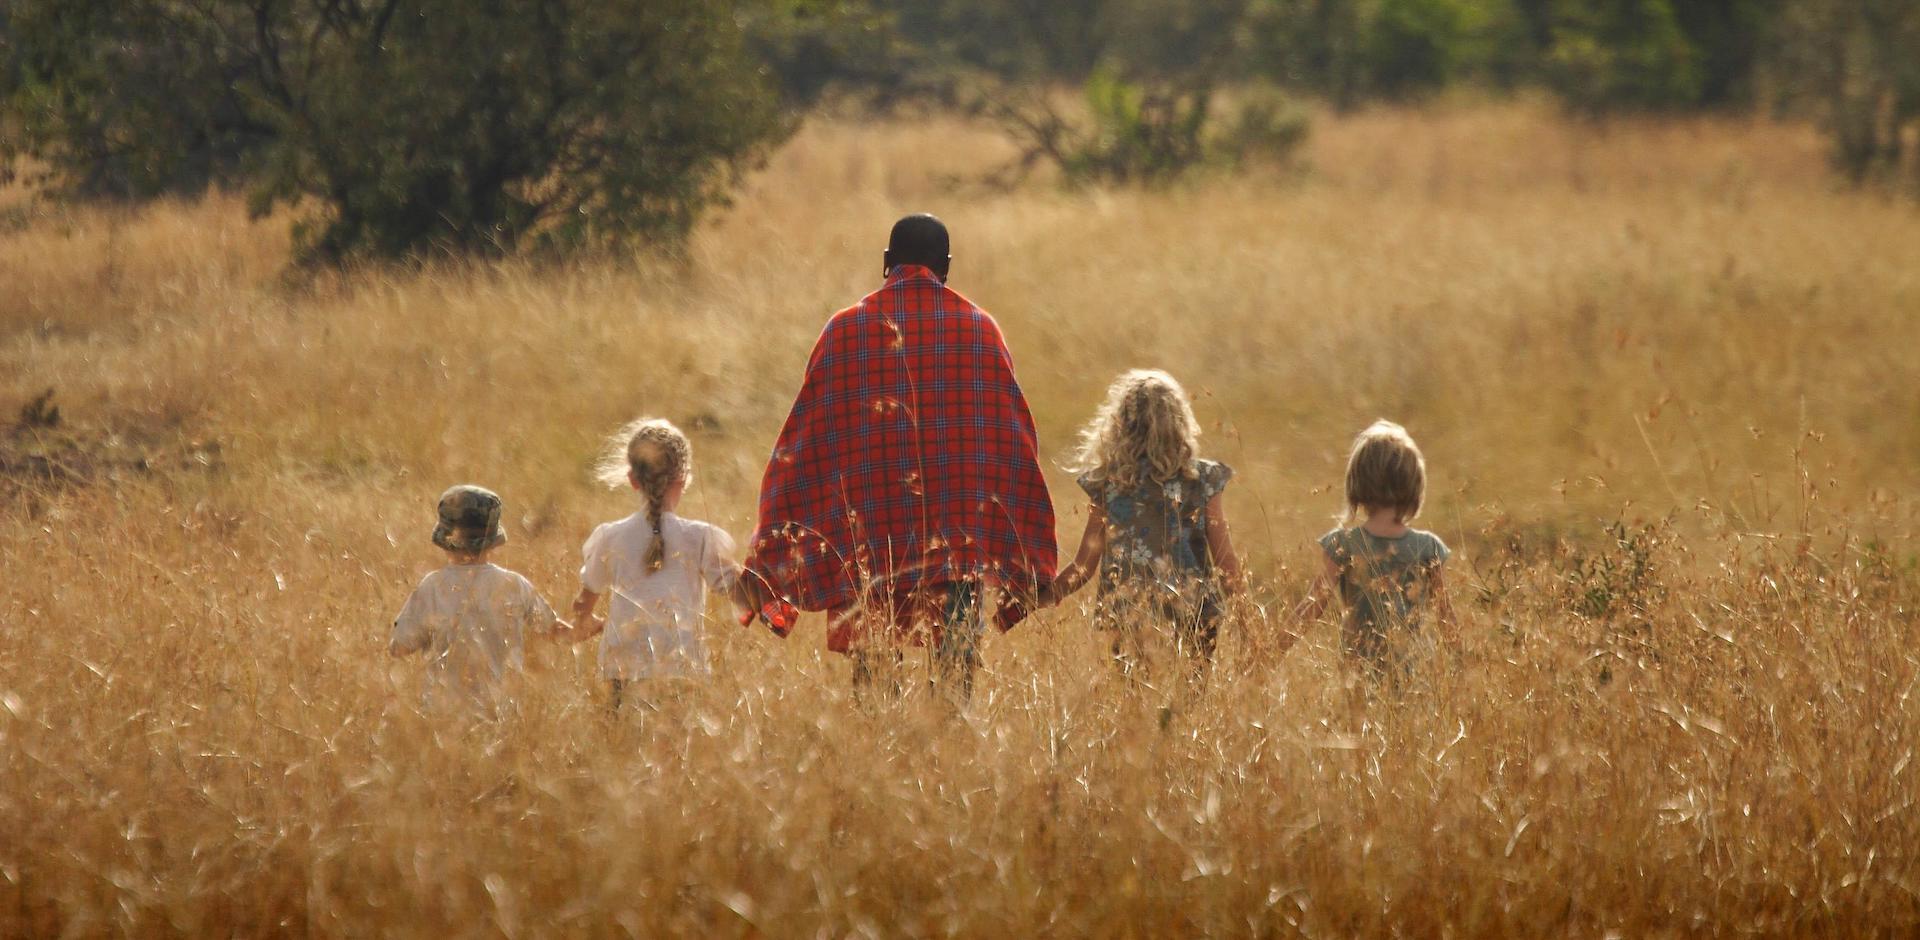 6 Best Tips to Plan a Memorable Family Safari in Kenya